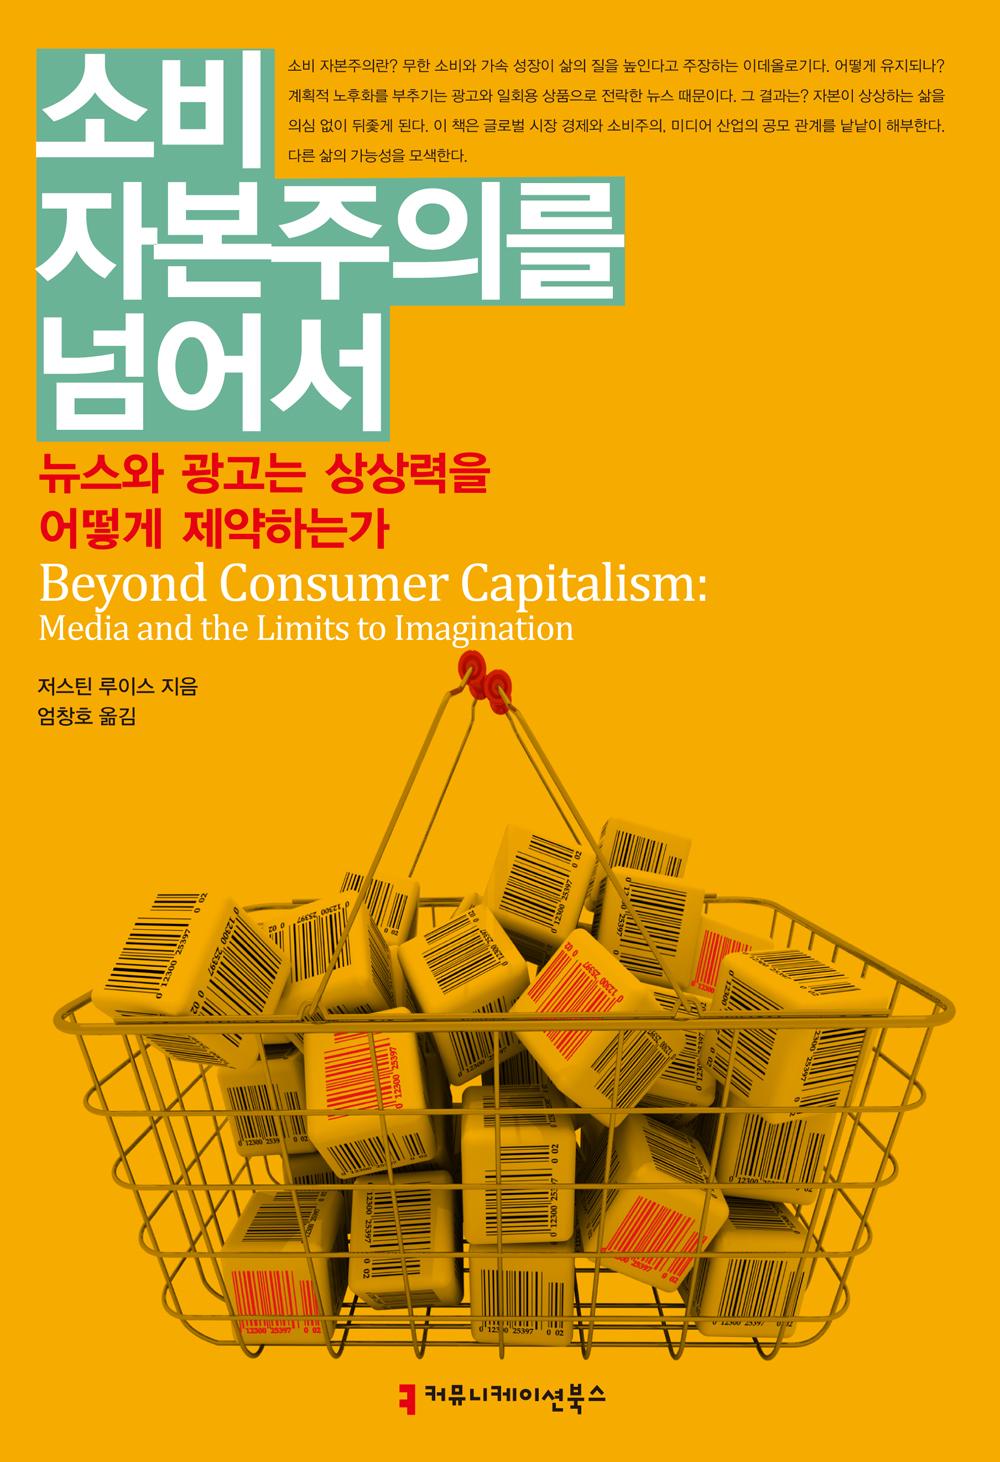 소비 자본주의를 넘어서: 뉴스와 광고는 상상력을 어떻게 제약하는가_표지_자켓